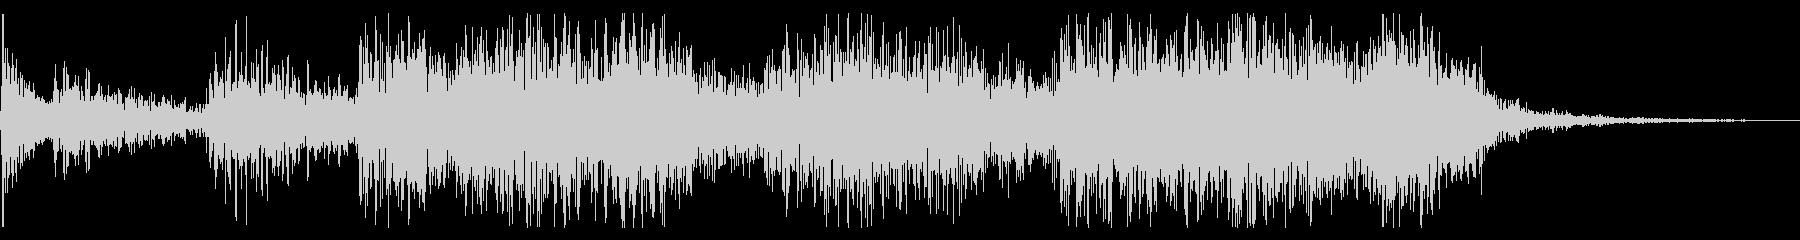 3.5秒ジングル トイピアノ+ジャズ の未再生の波形